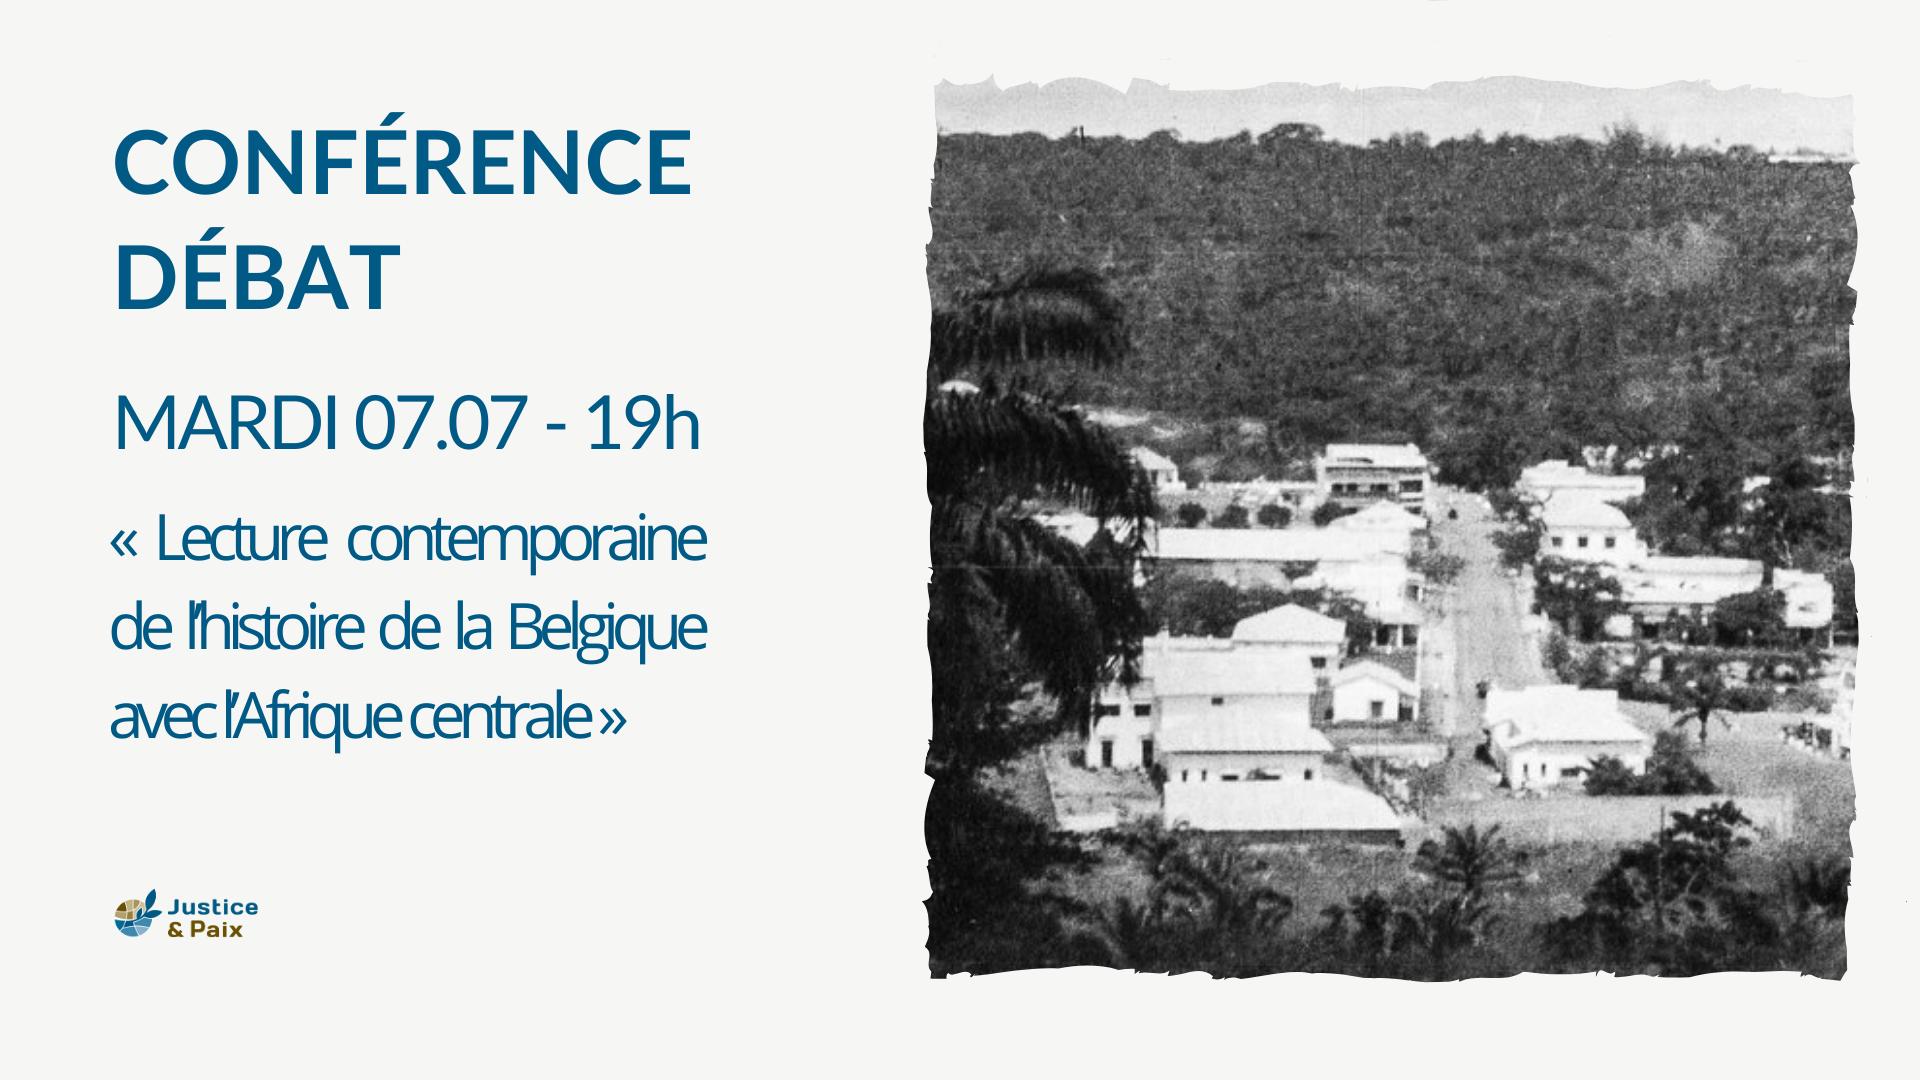 conference-debat_-_lecture_contemporaine_de_l_histoire_de_la_belgique_avec_l_afrique_centrale_1_-2.png